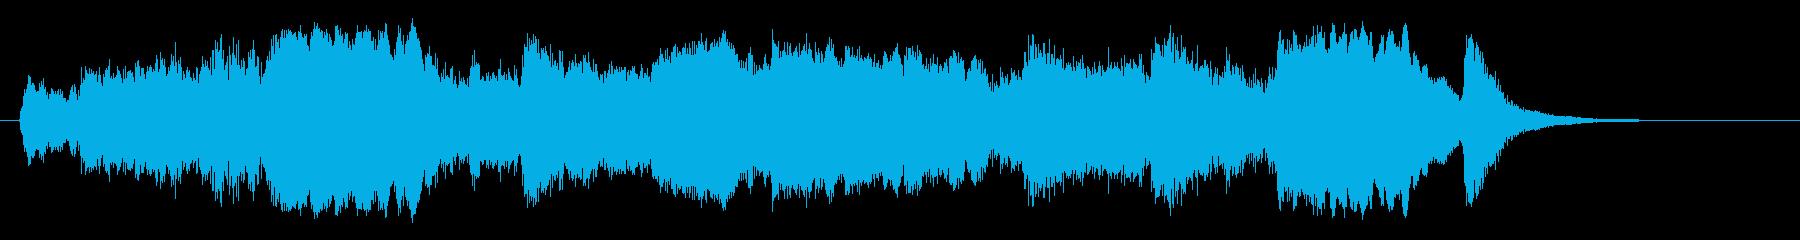 恋愛系ゲーム宣伝用ジングル(long)の再生済みの波形